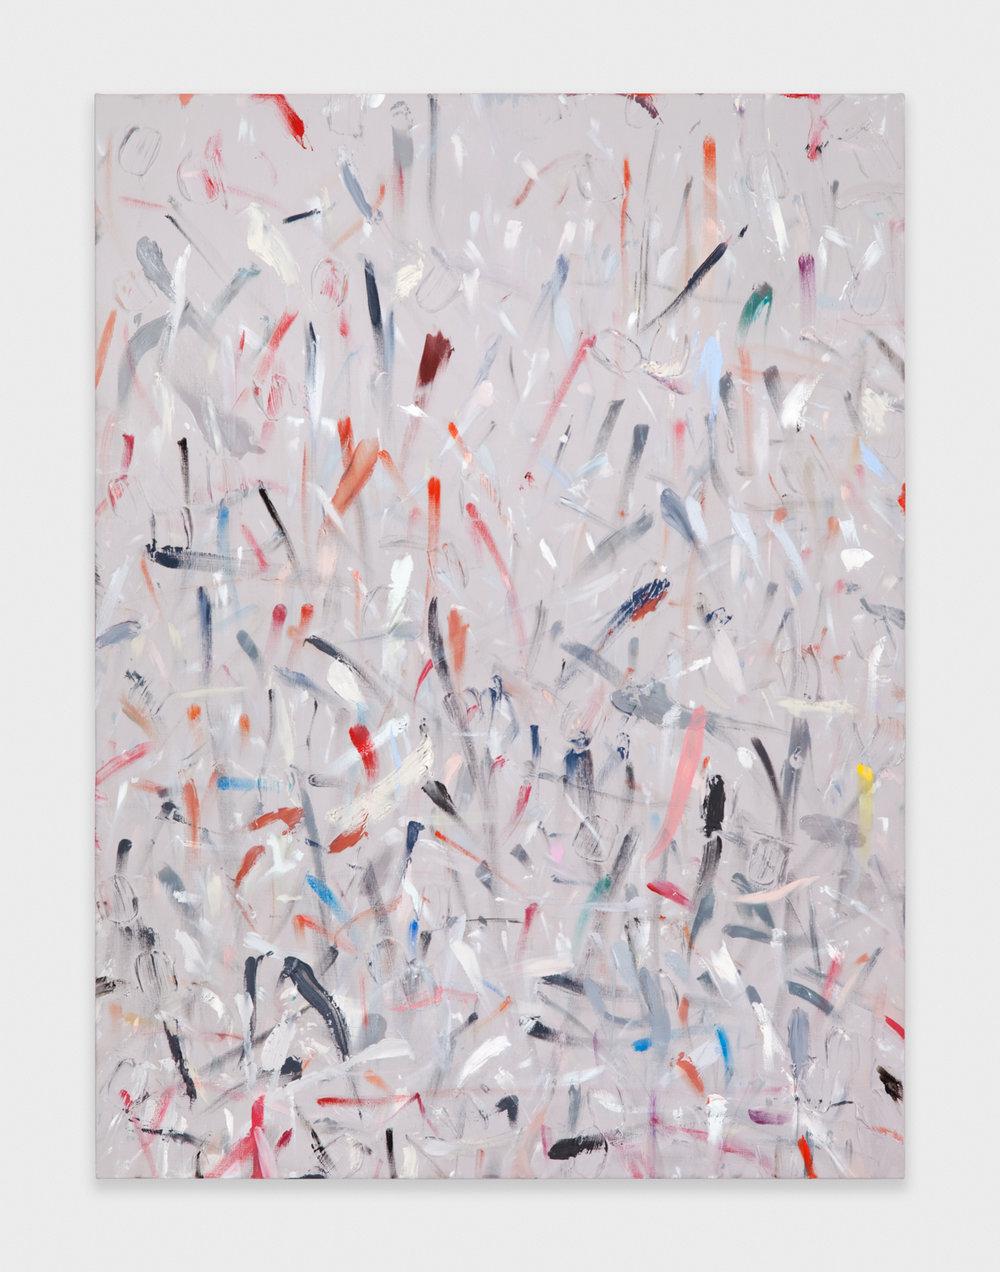 Alex Olson  Mark (November 2011 - February 2012)  2011-2012 Oil on linen 24h x 18w in AO094